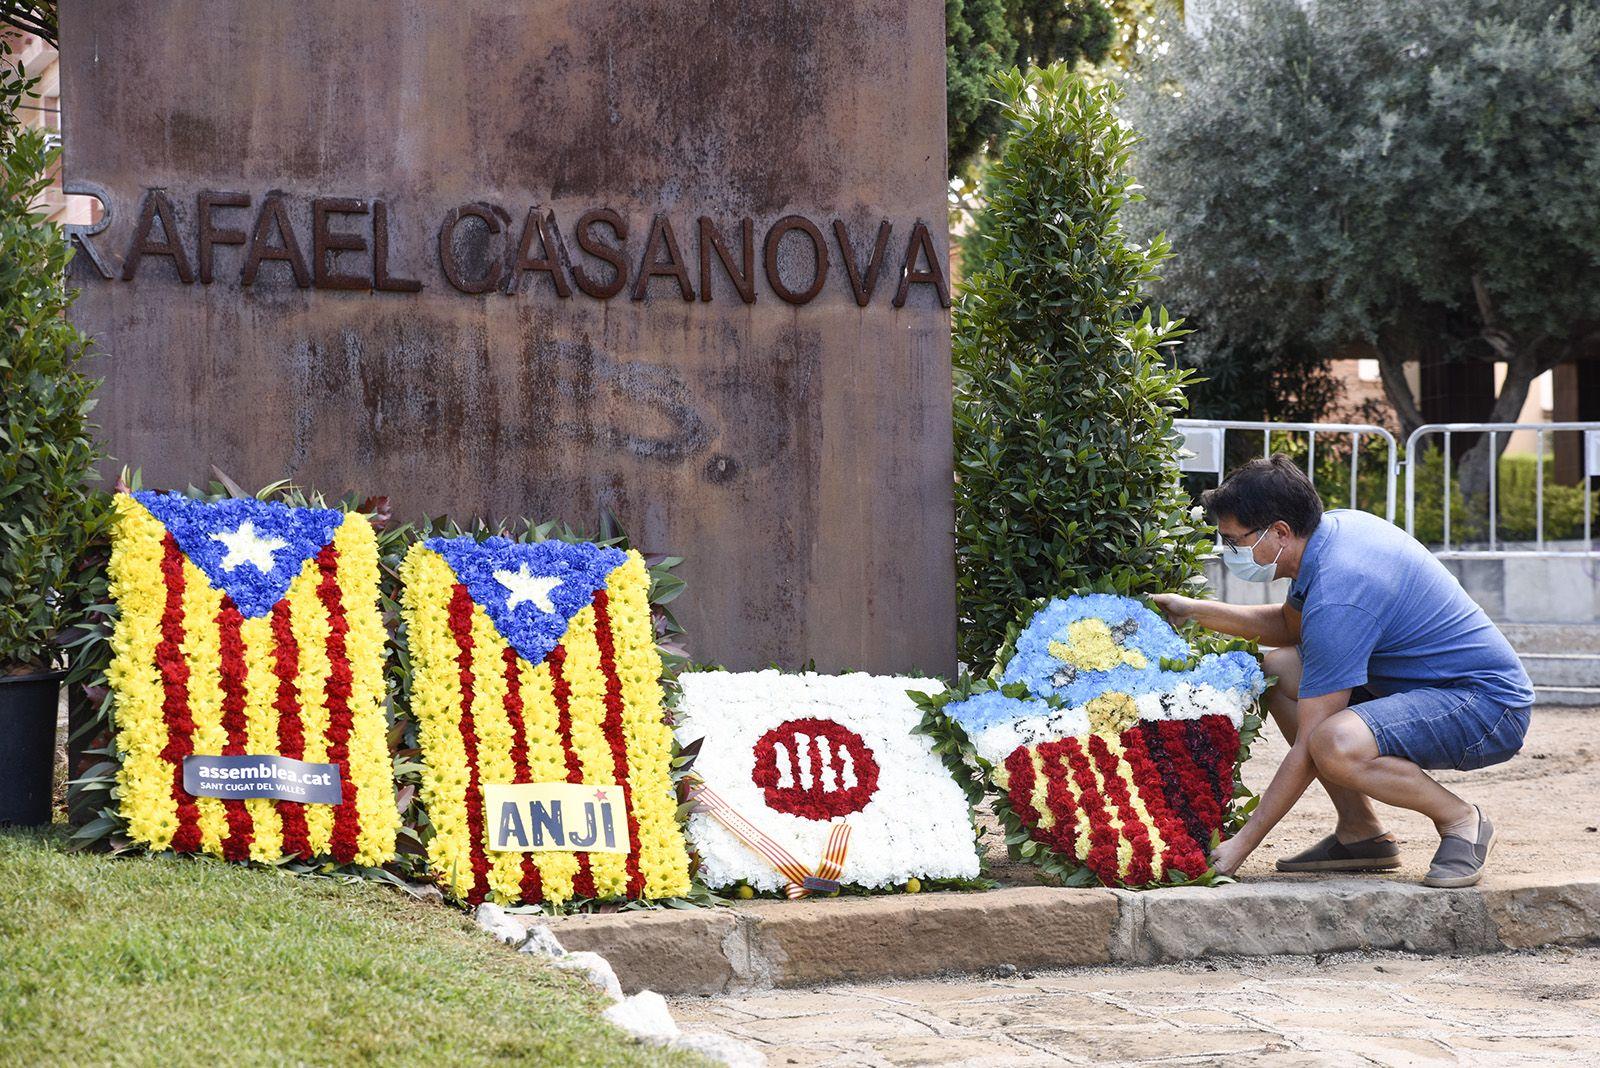 Ofrena floral del Sant Cugat Futbol Club al monument de Rafael Casanova. Foto: Bernat Millet.